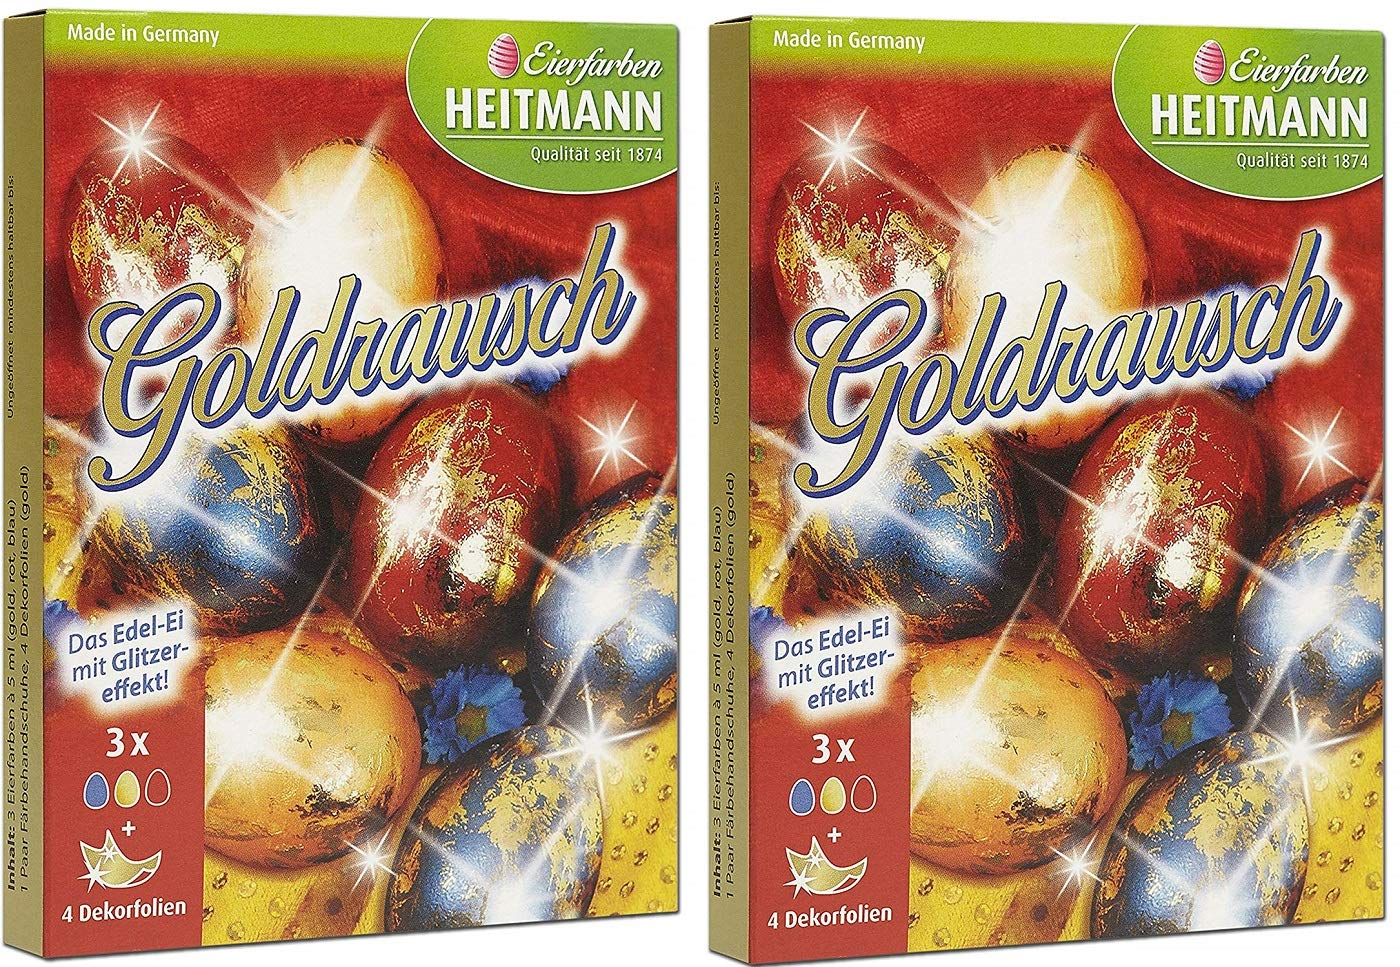 Bavaria-Home-Style-Collection Brauns Heitmann Ostereier Farben Eierfarben Ostereier Farben Goldrausch Fl/üssige Eierfarbe in Rot Gold und Blau Oster Eier bemalen Deko Ostern